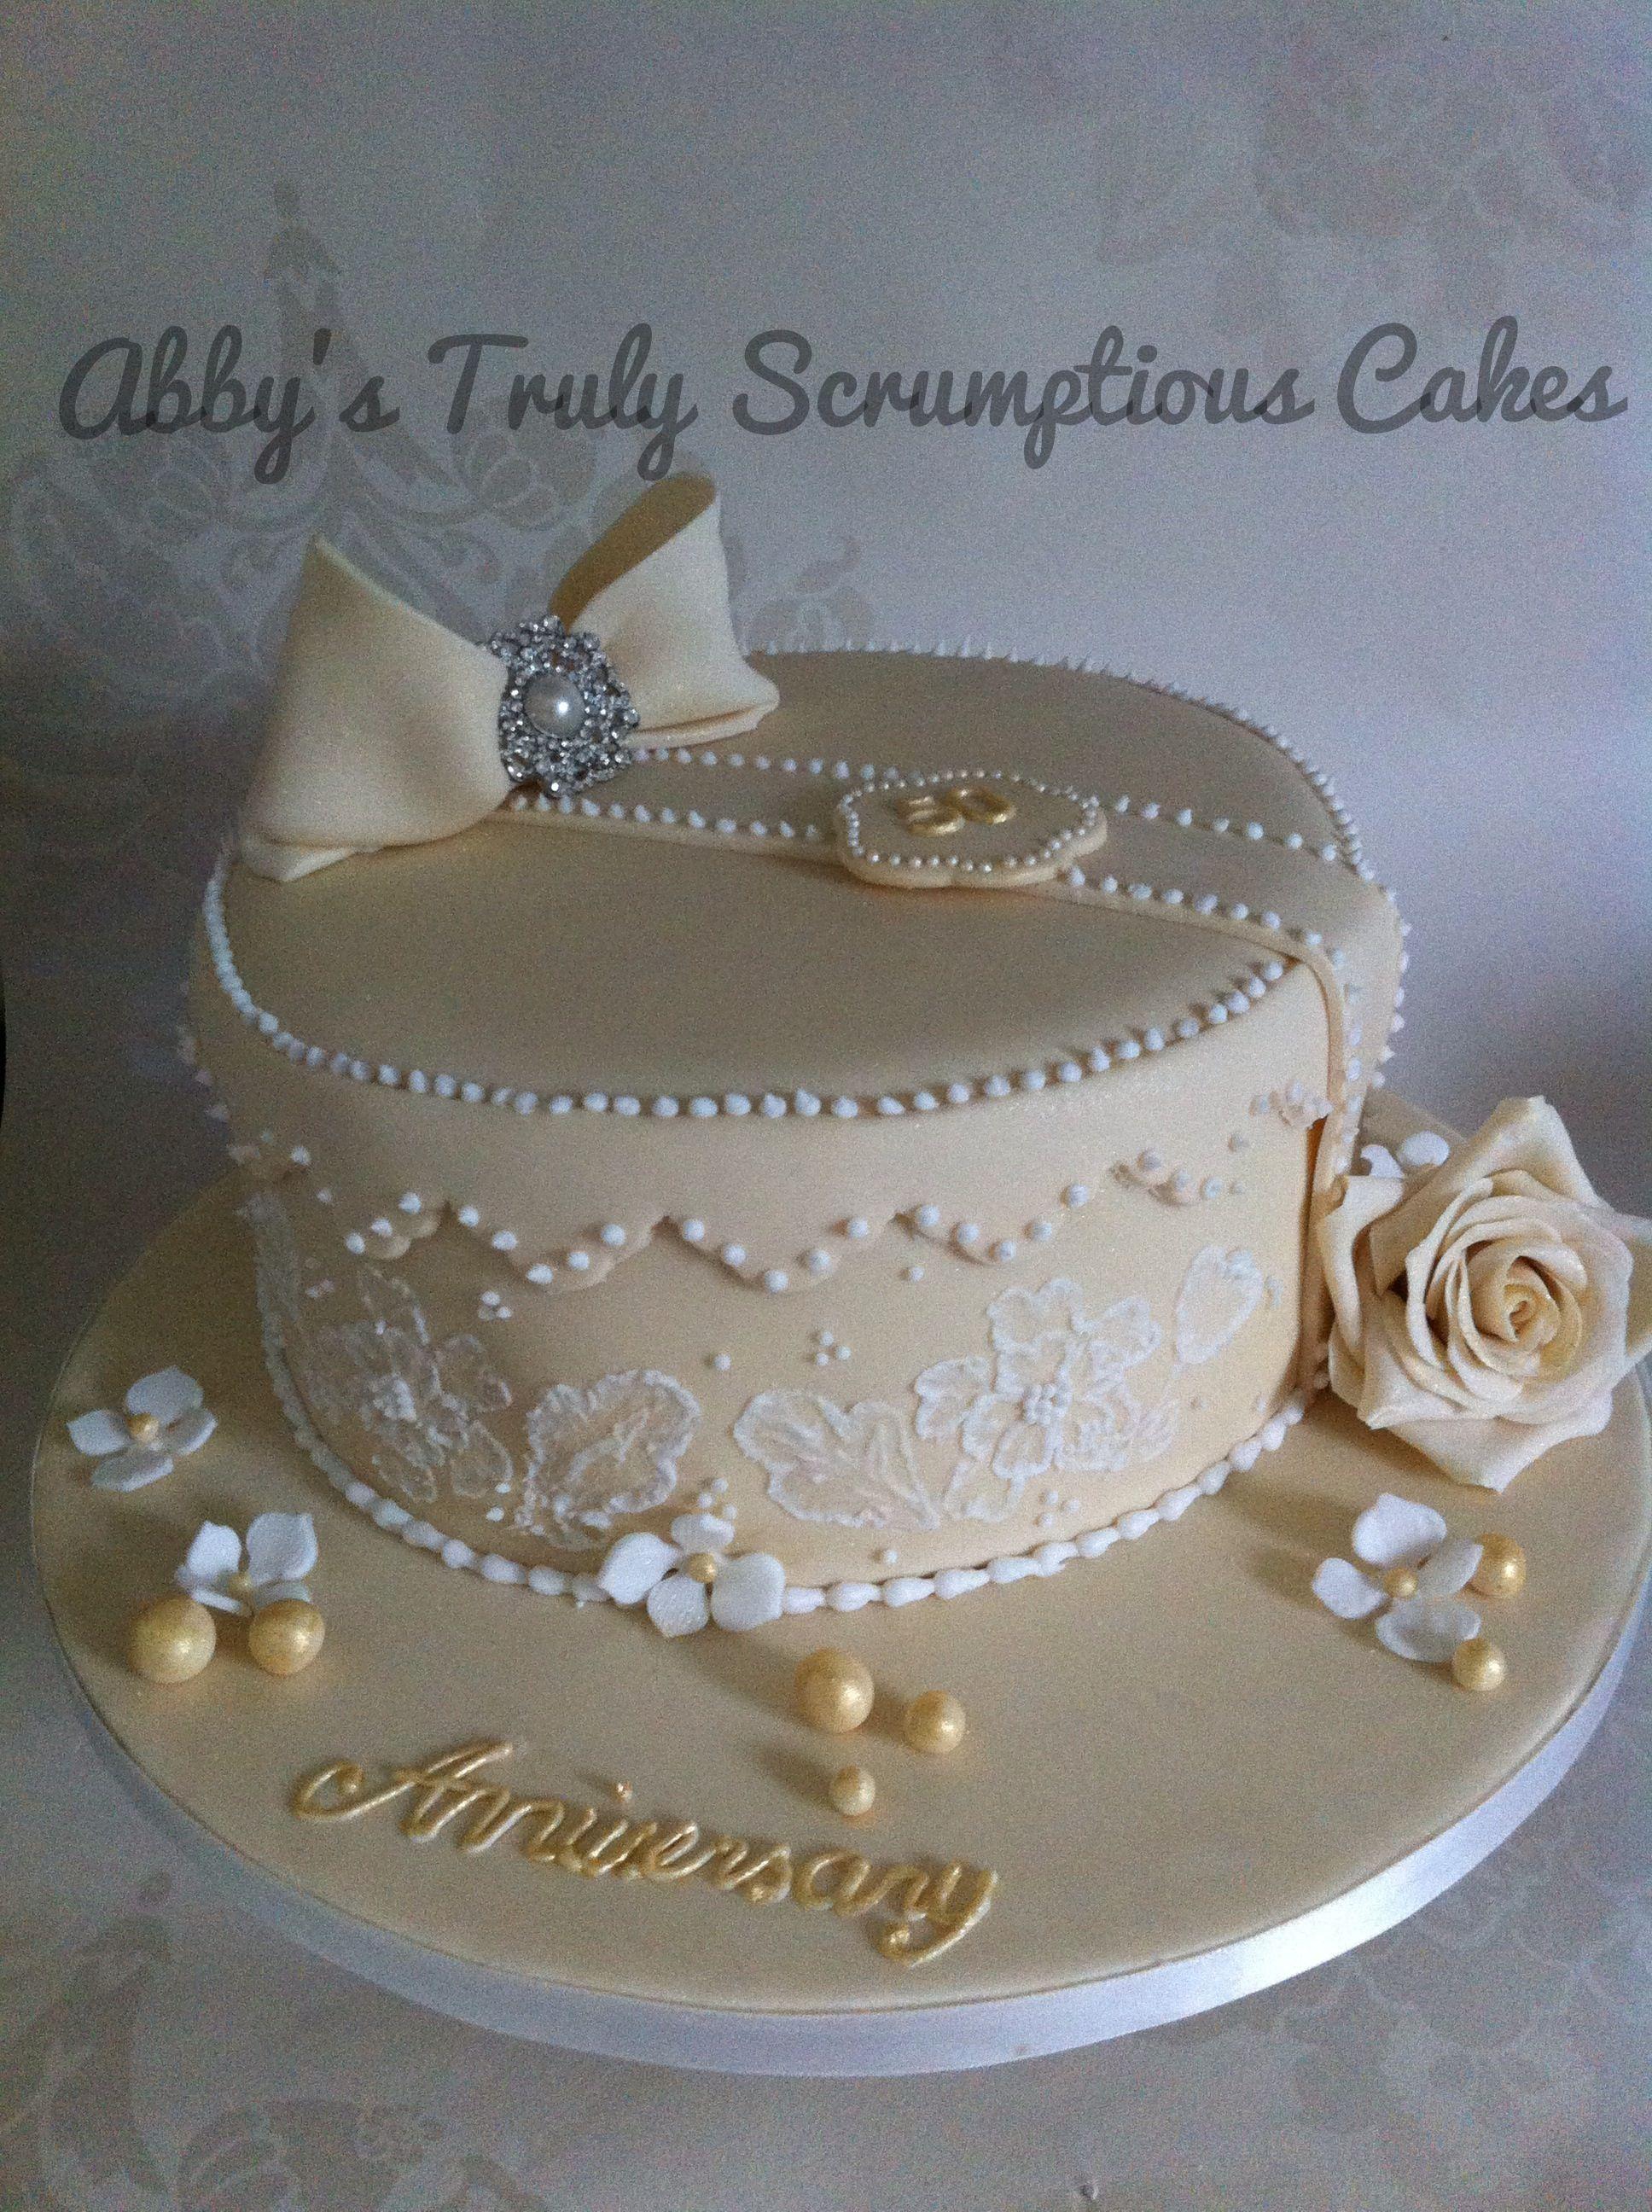 Cake Decorating Utensils Uk : Golden wedding anniversary cake - For all your cake ...